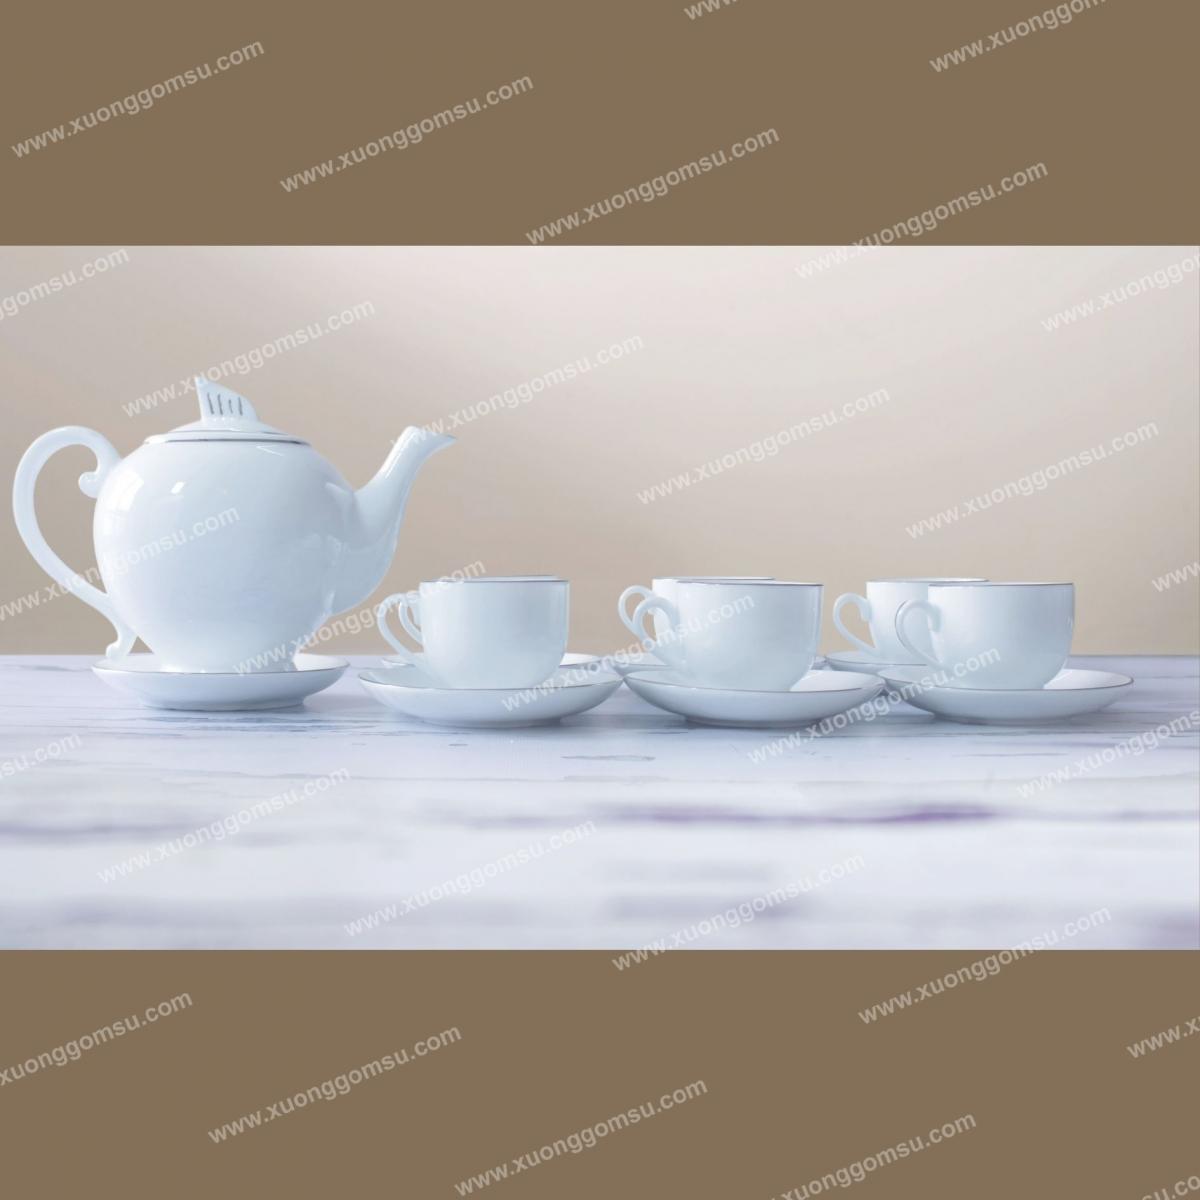 3 Bộ ấm trà làm quà tặng tại Đồng Nai.